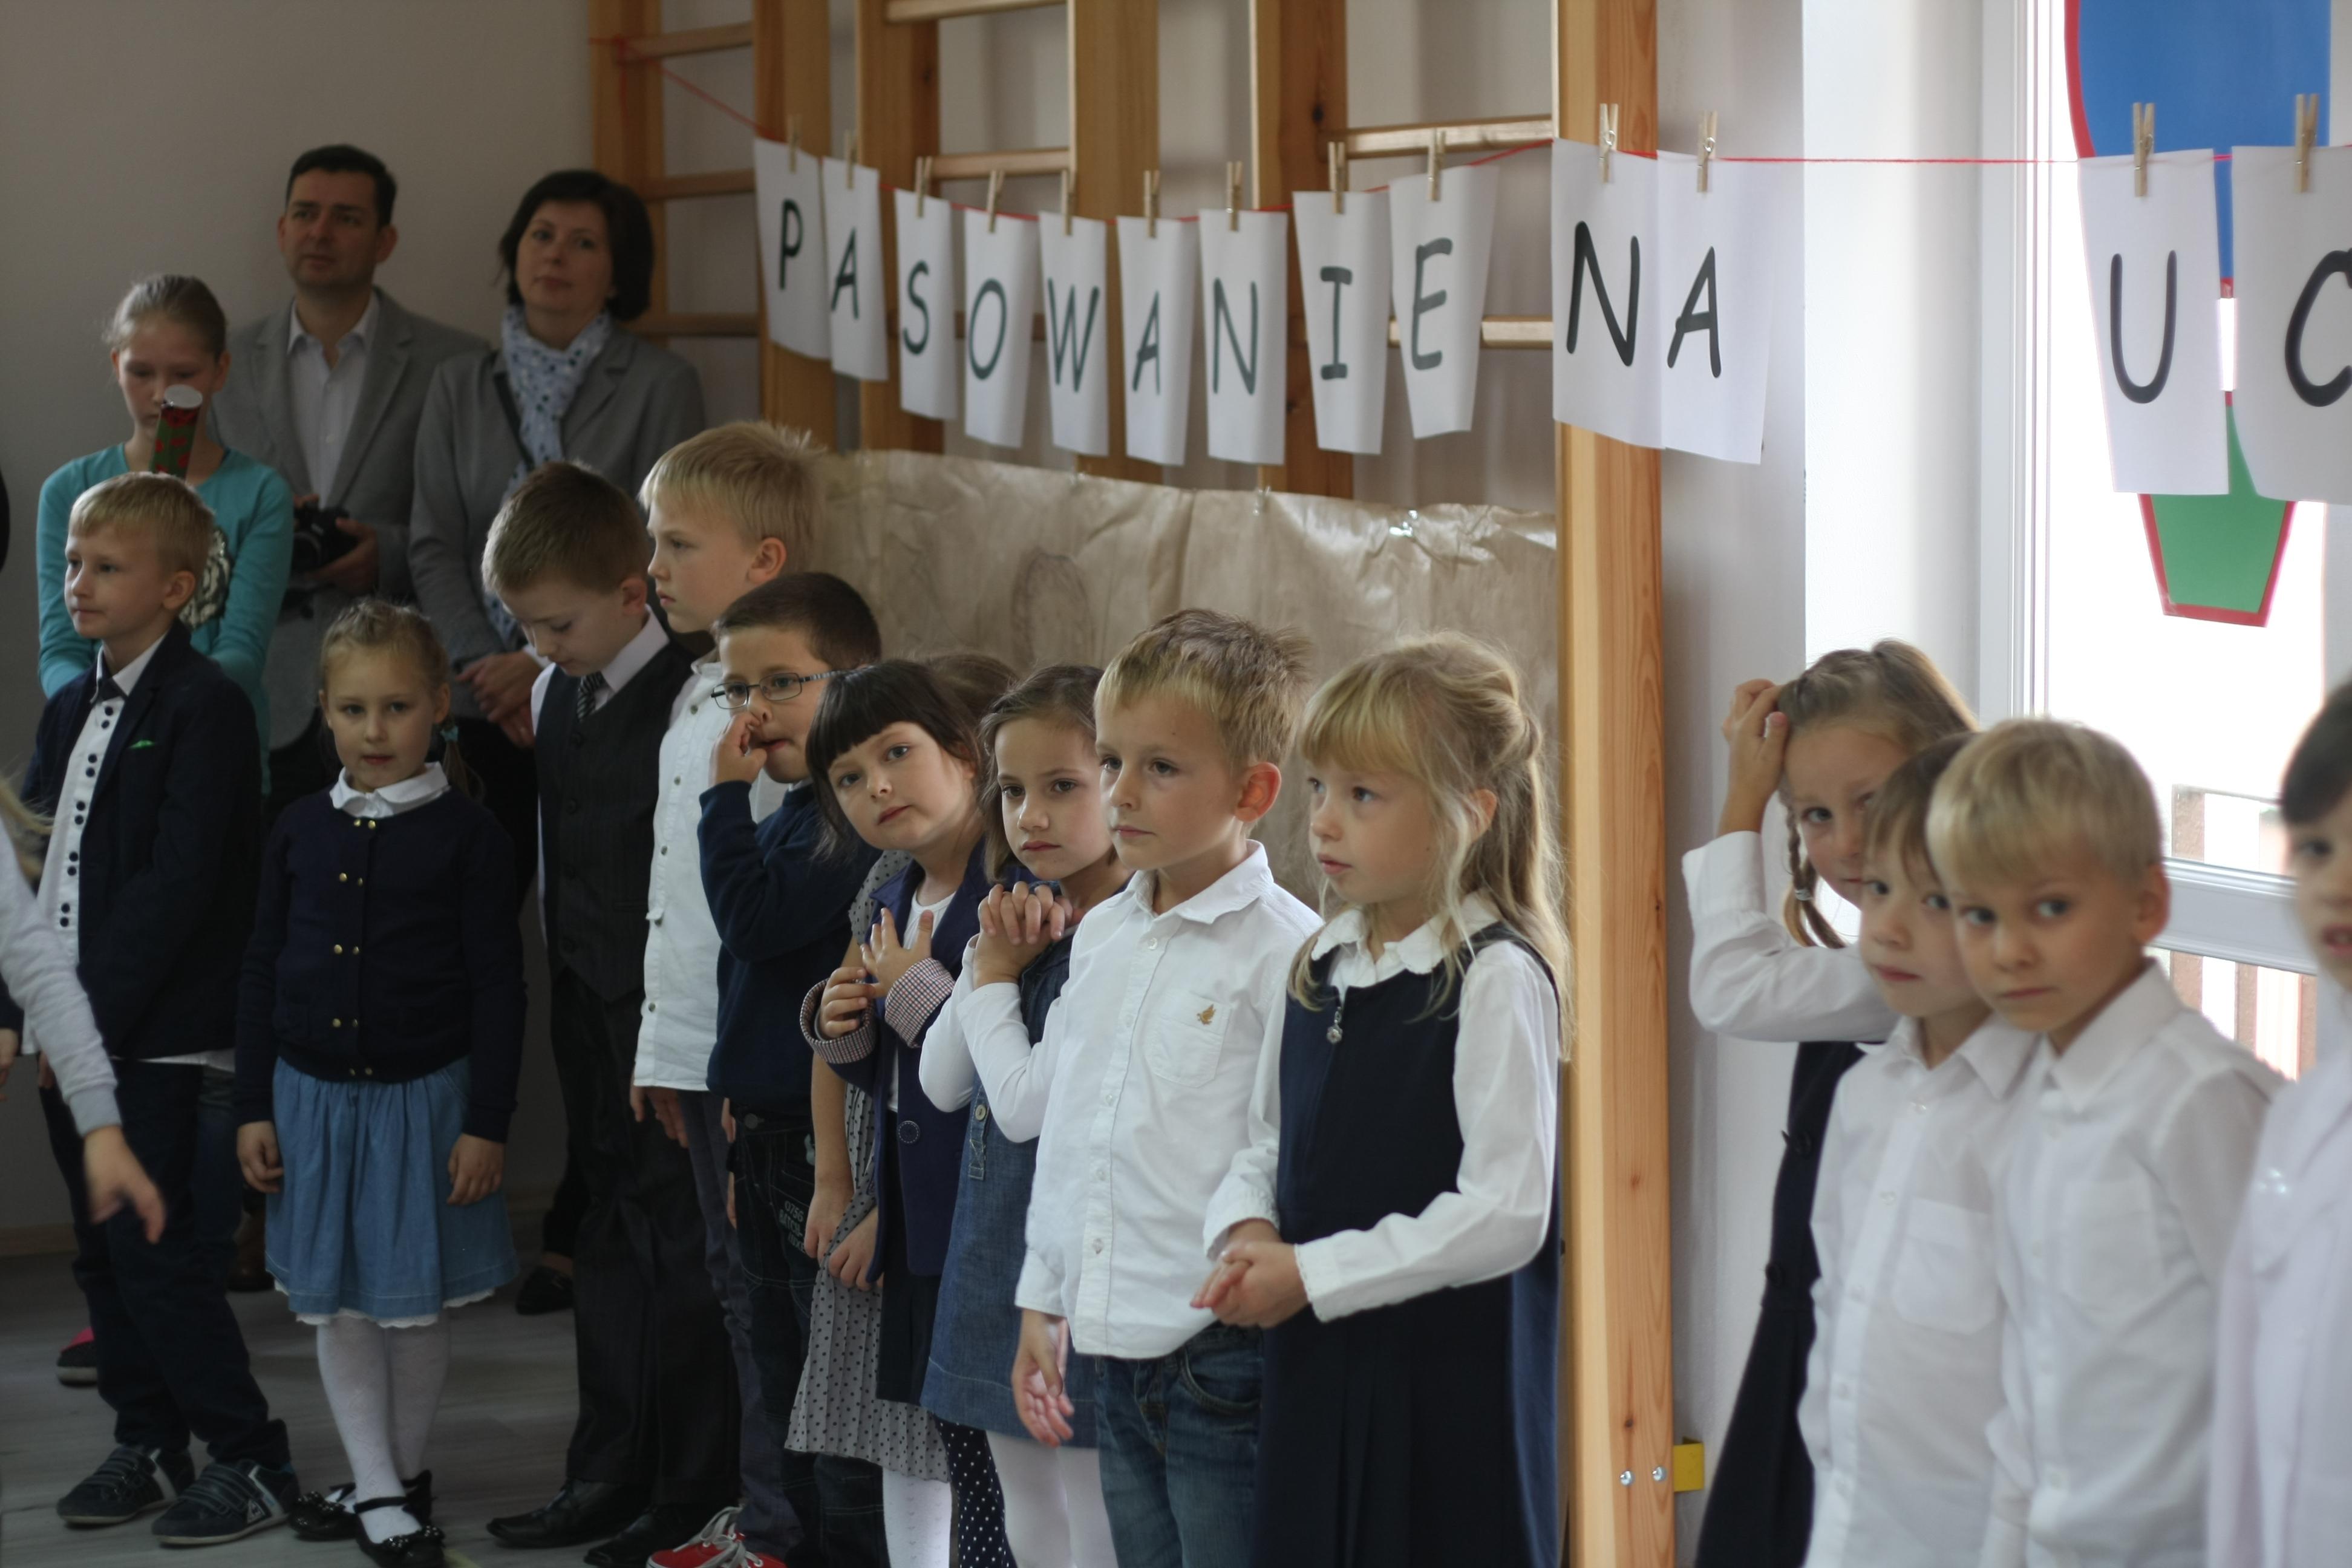 Pasowanie na ucznia klasy I